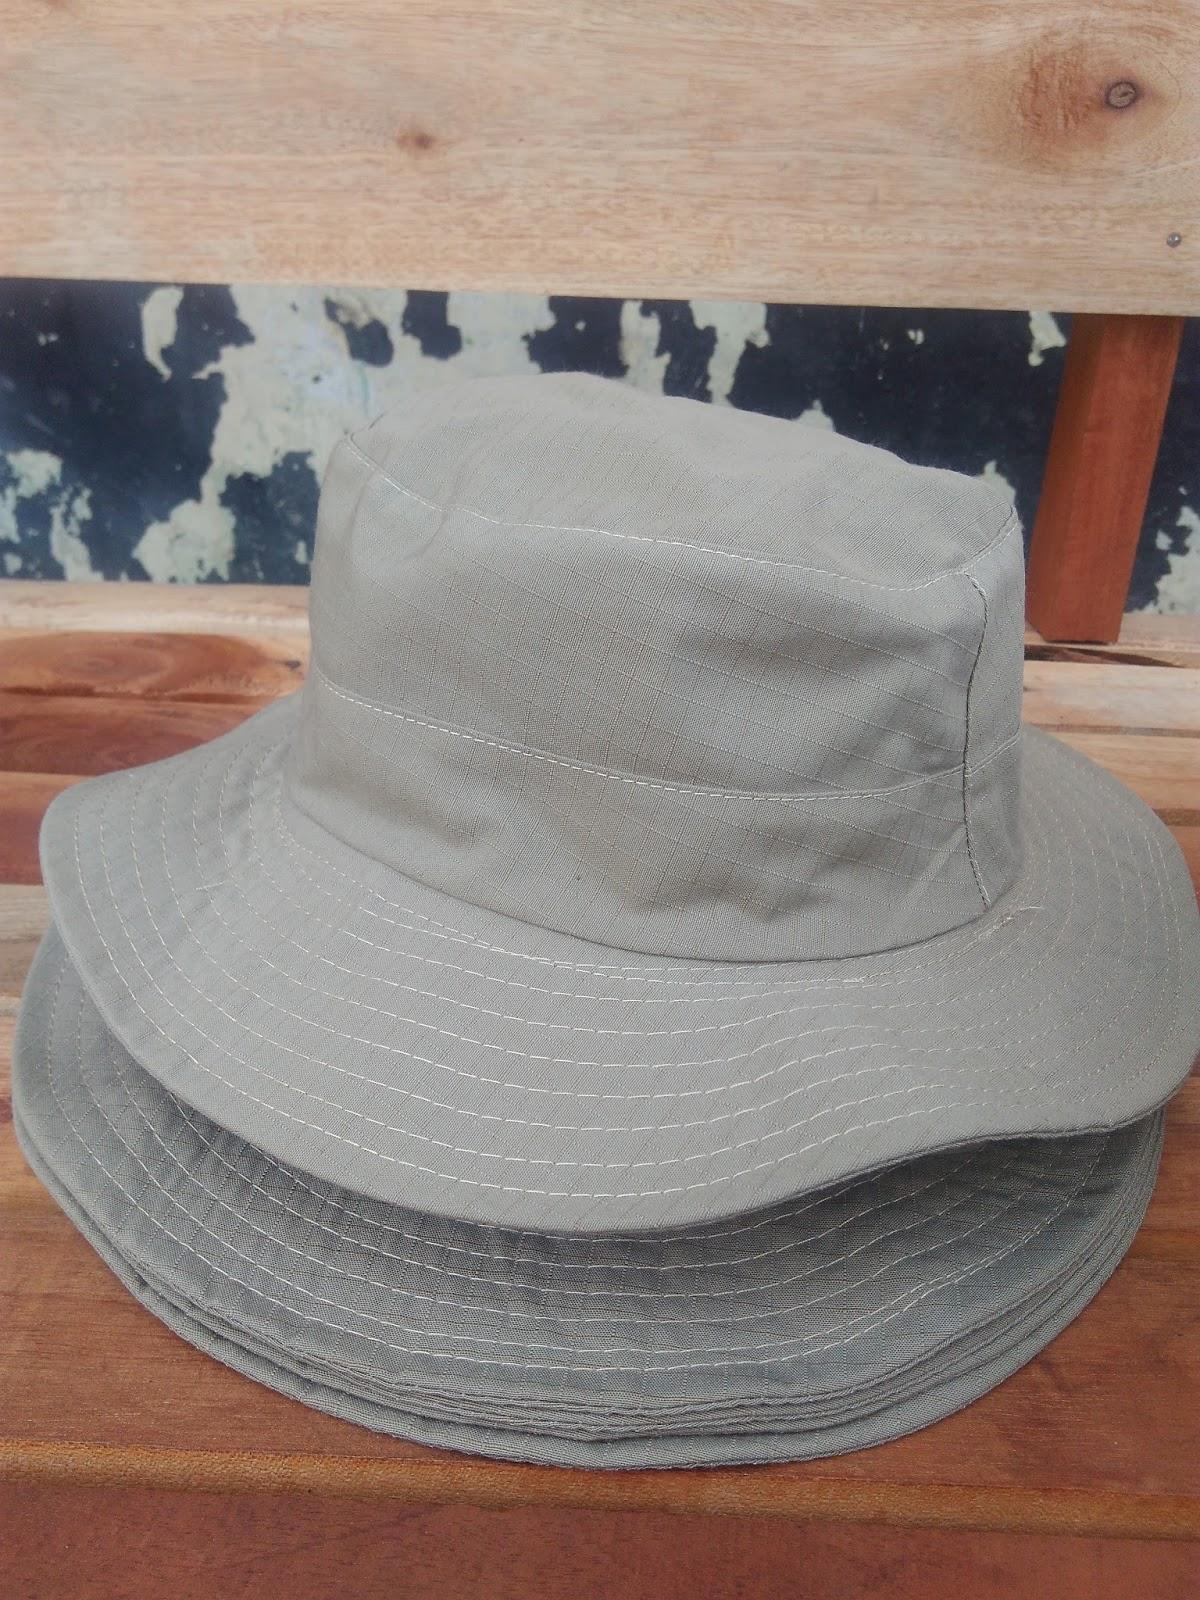 Selamat datang di Grosir Topi Polos Murah di Solo. 631ca3dddb